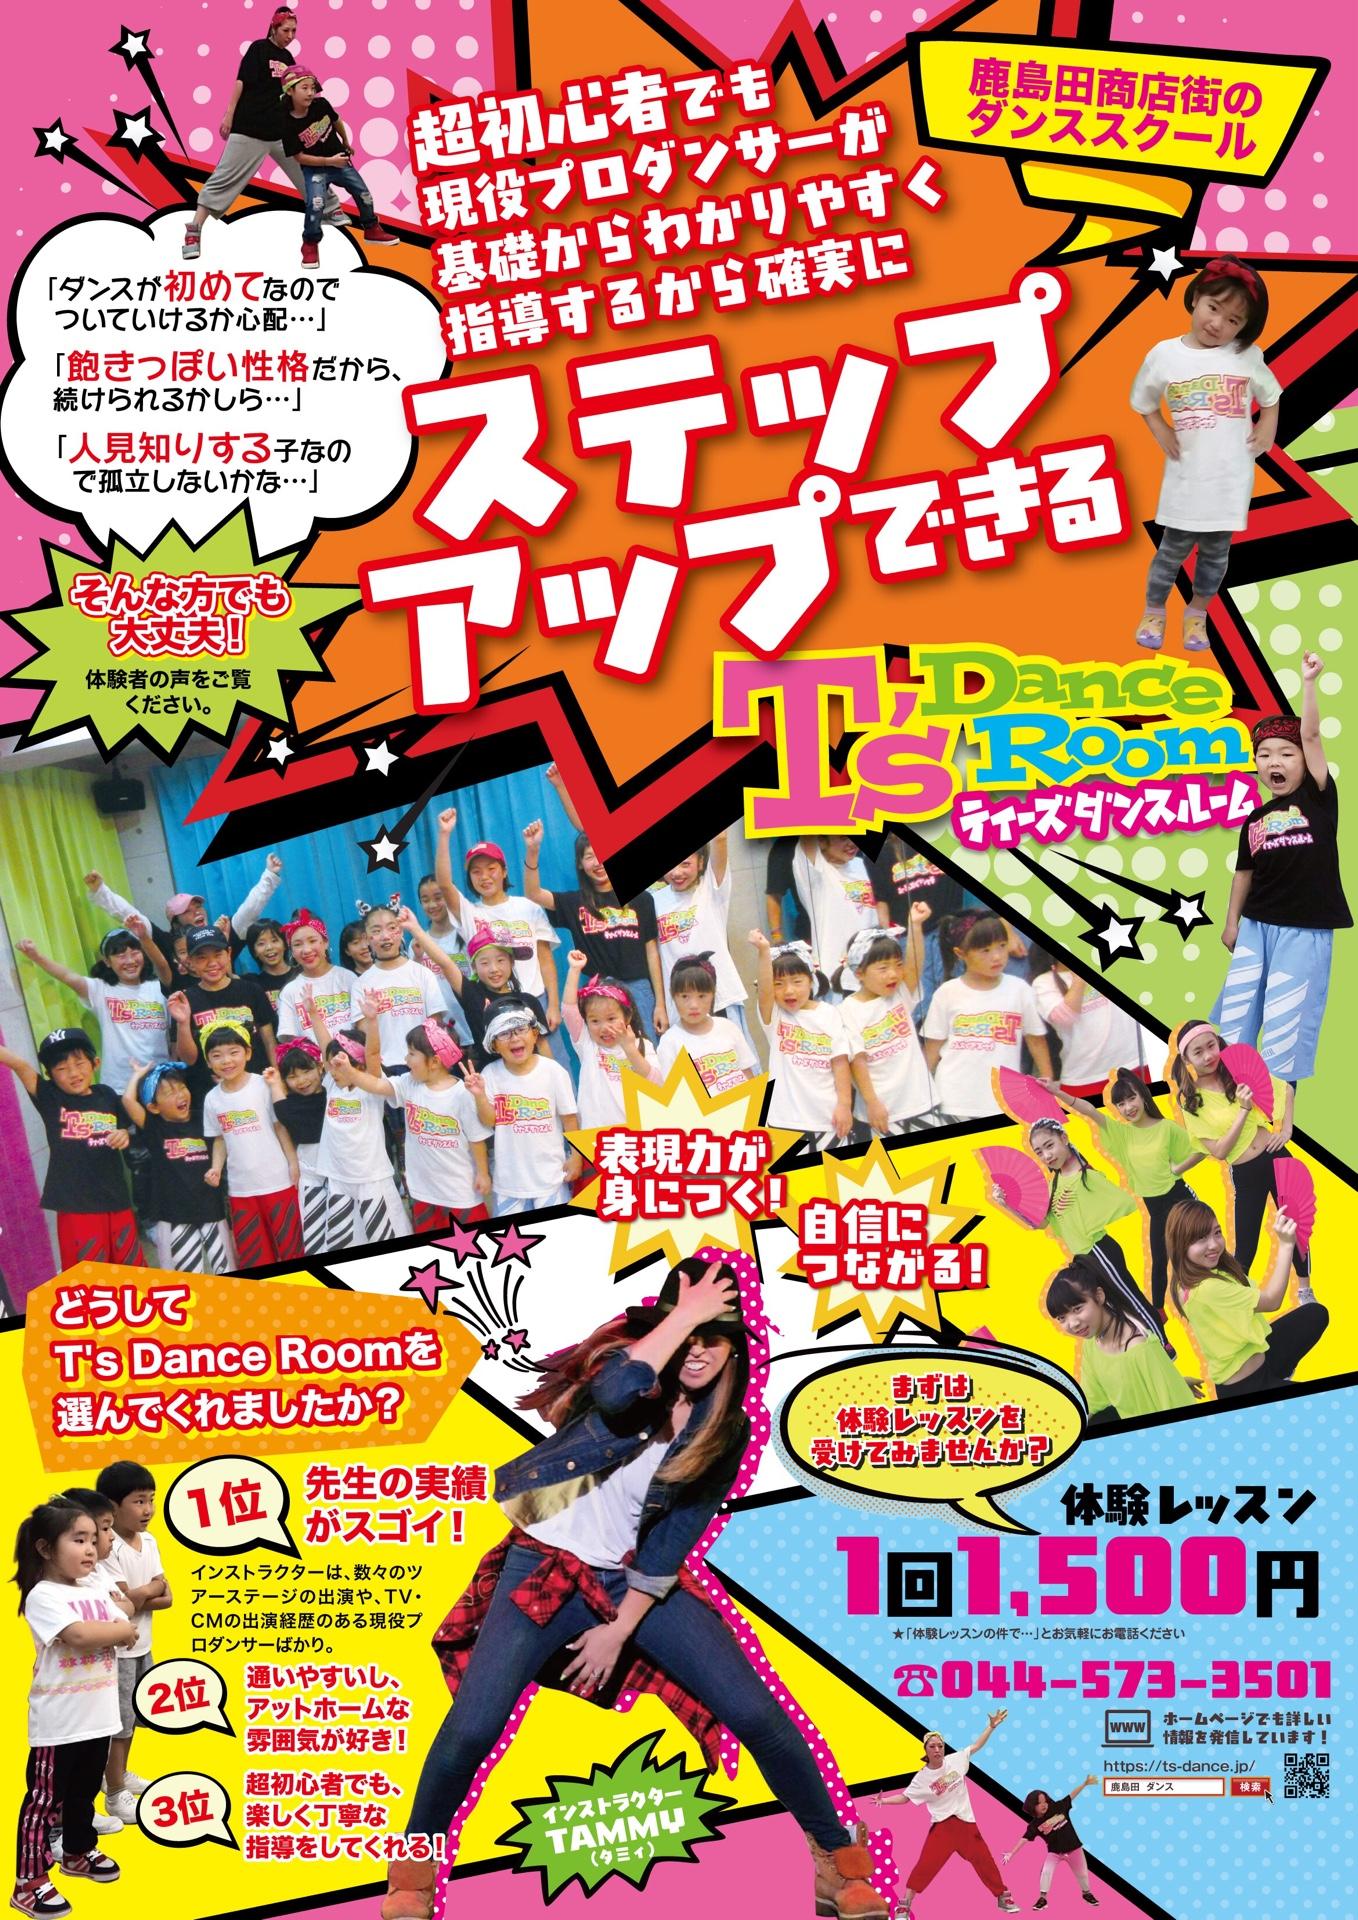 新しいチラシが出来上がりました! | 川崎市のダンス・ボーカル教室 ...